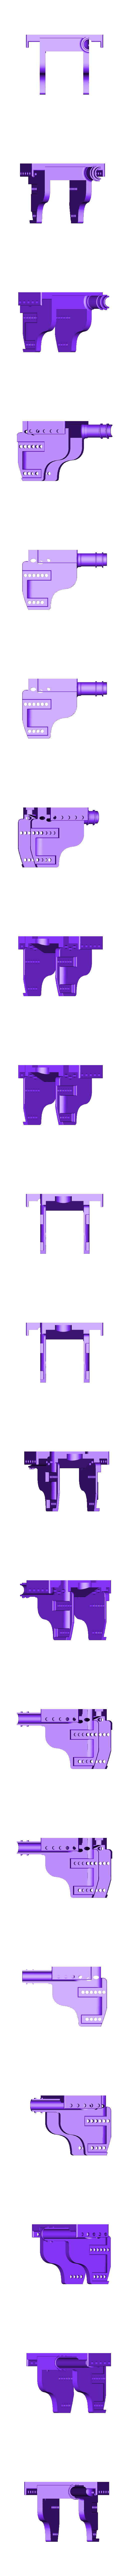 3dSubzwari-BTT2in1.stl Download free STL file Eryone ThinkerS ThinkerSE Bigtreetech 2in1 hotend herome mount • 3D print model, 3dSubzwari